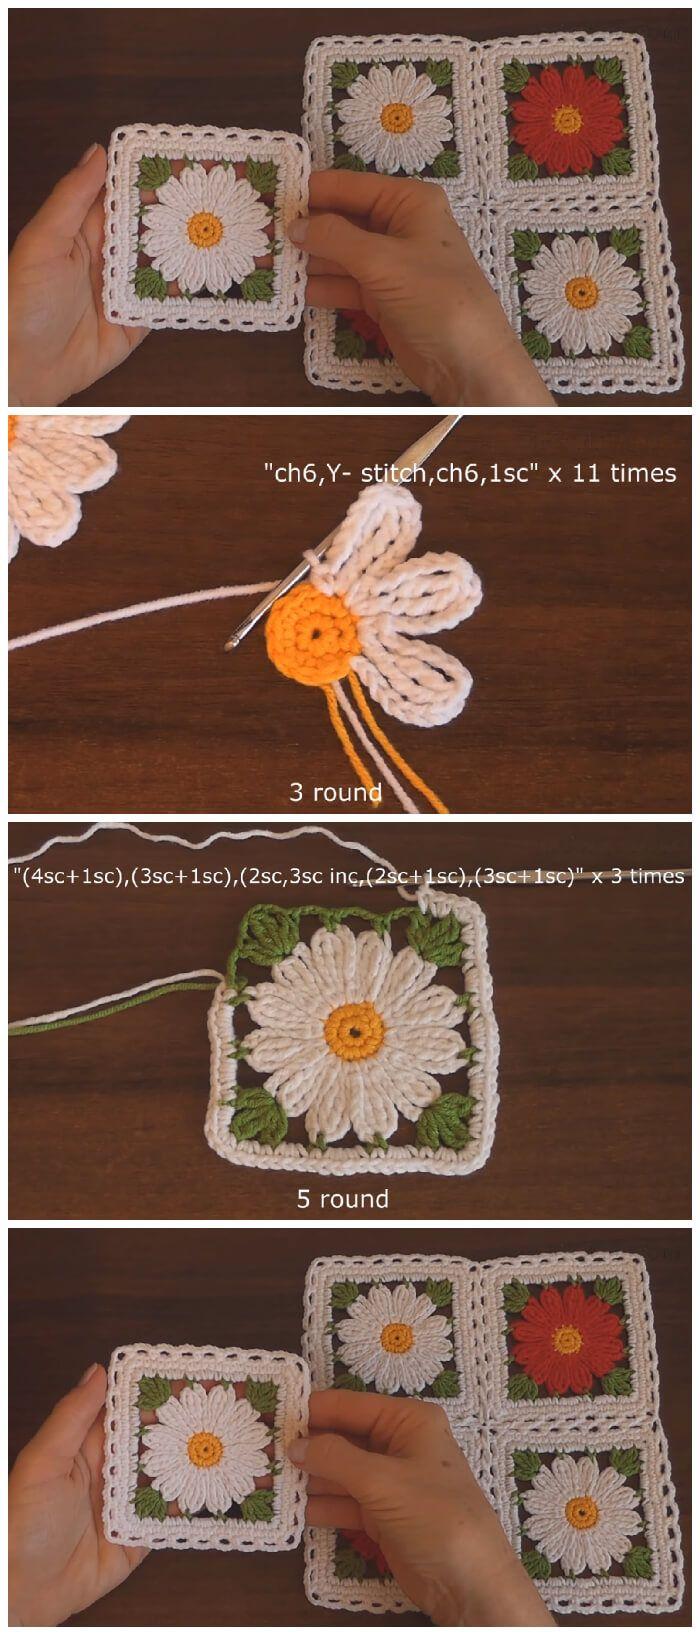 Easy Crochet Flower Motif - Learn to Crochet - Crochet Kingdom